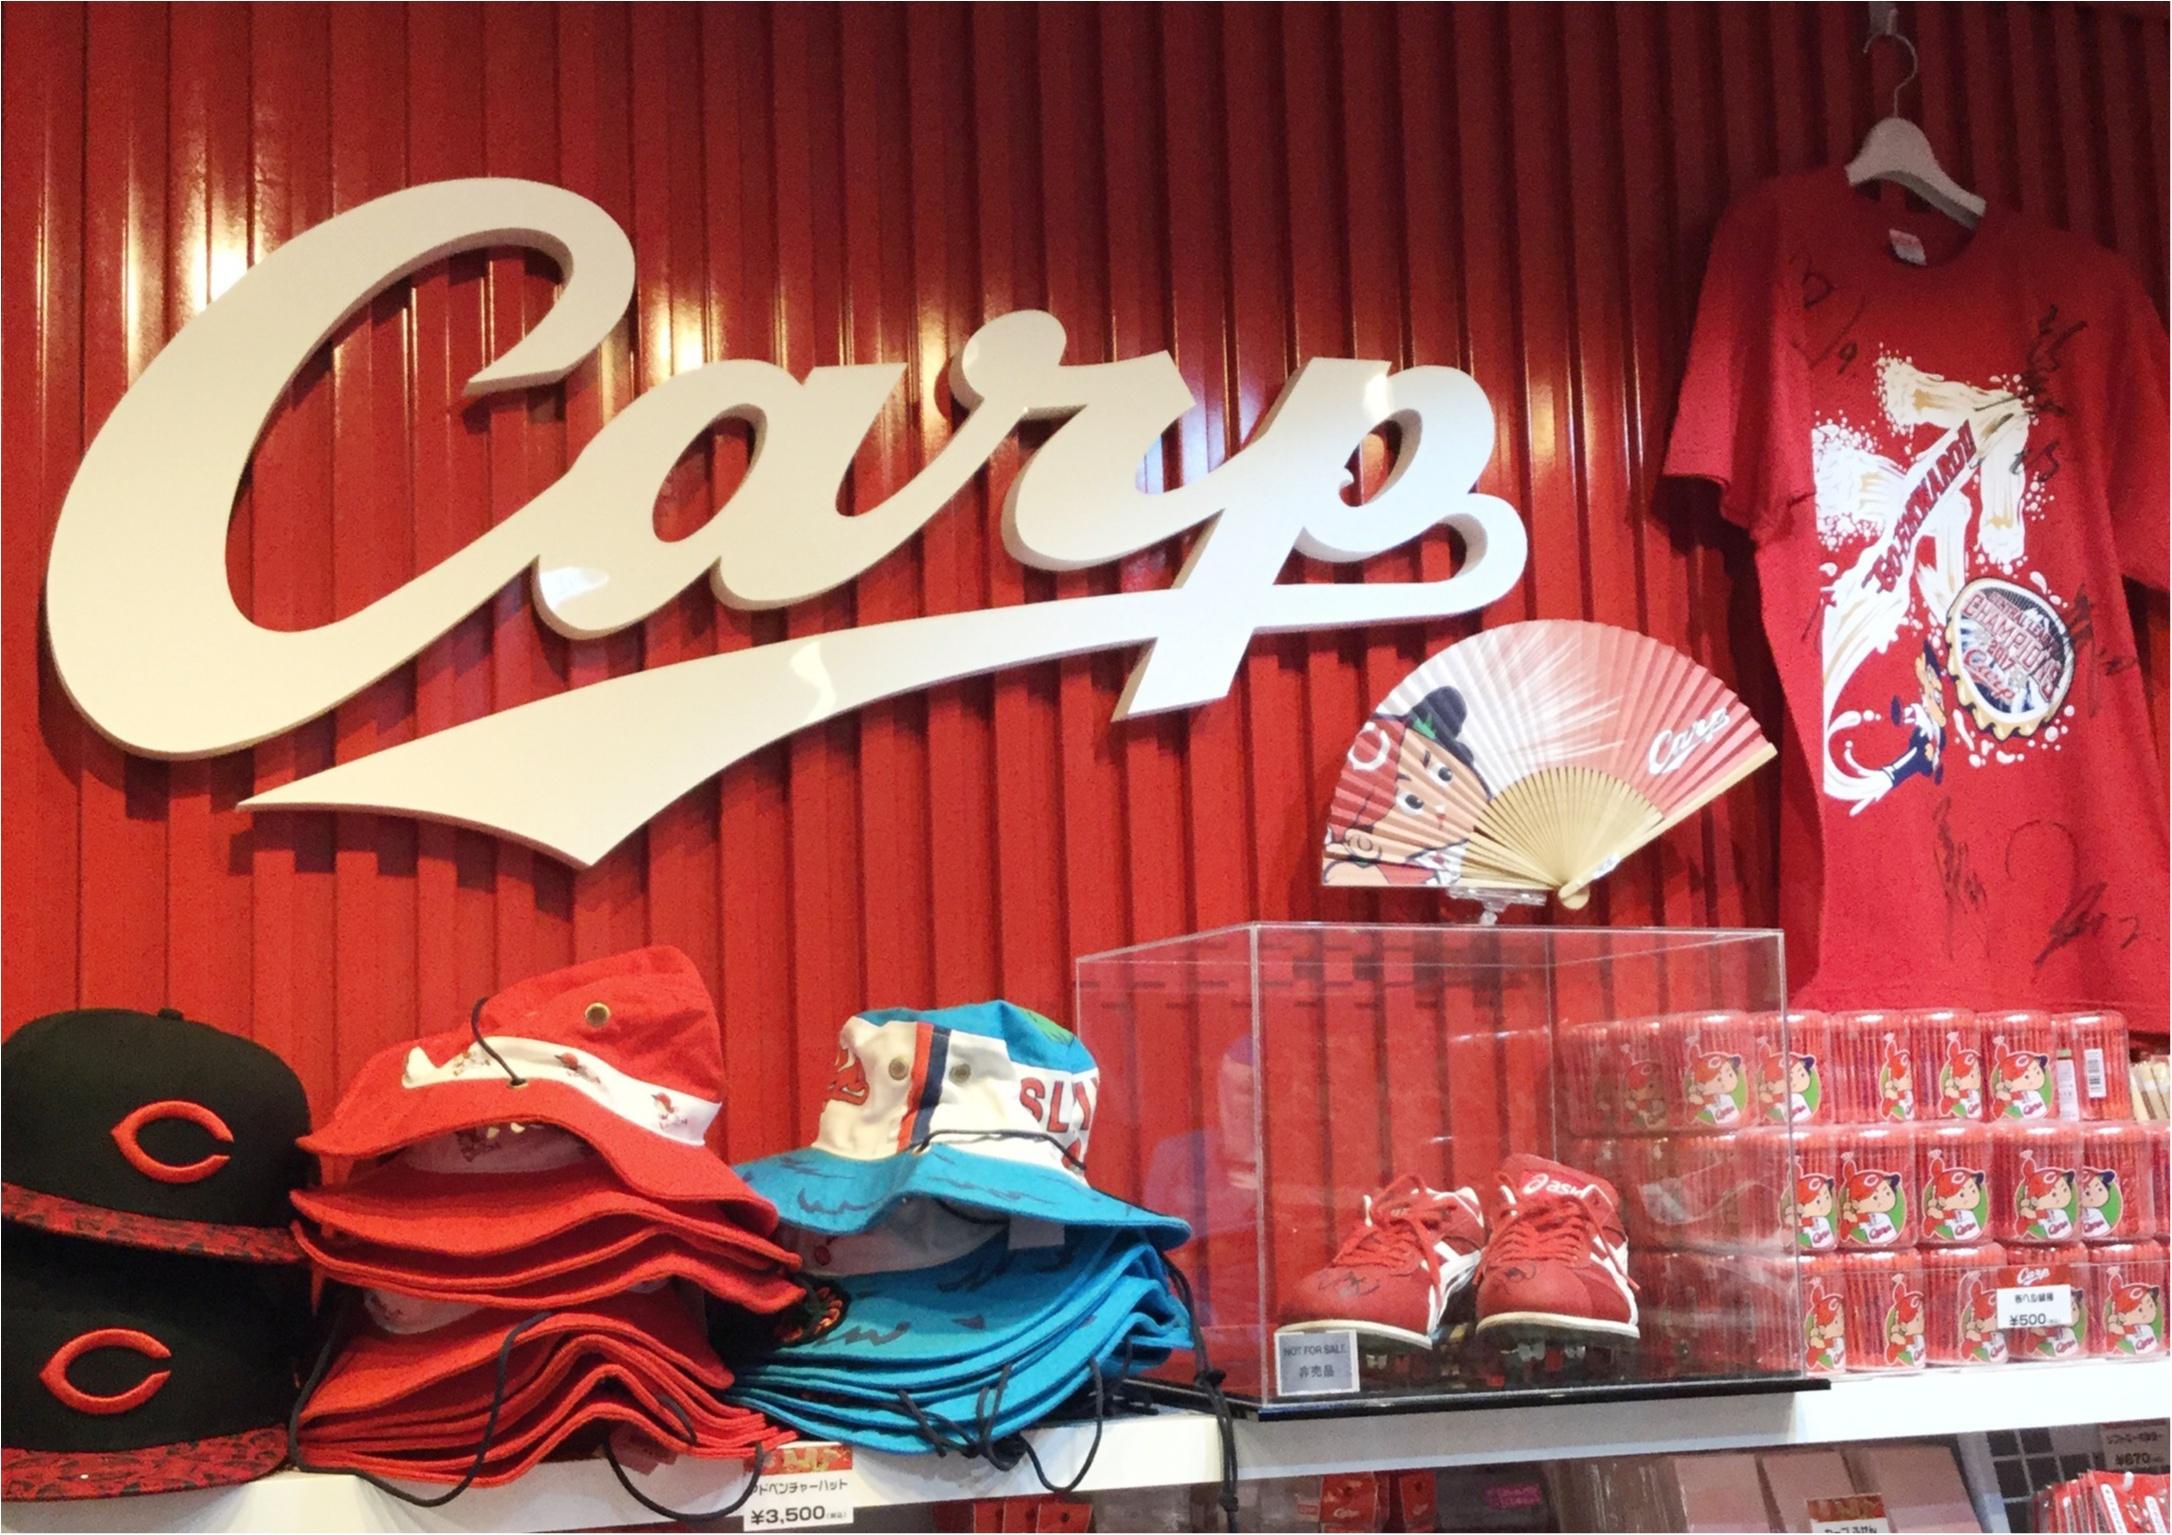 【カープ女子必見】ディズニーとのコラボ商品も新発売!カープをコンセプトとしたカフェバルも併設した《グッズ&カフェバル》としてリニューアルオープン♡_7